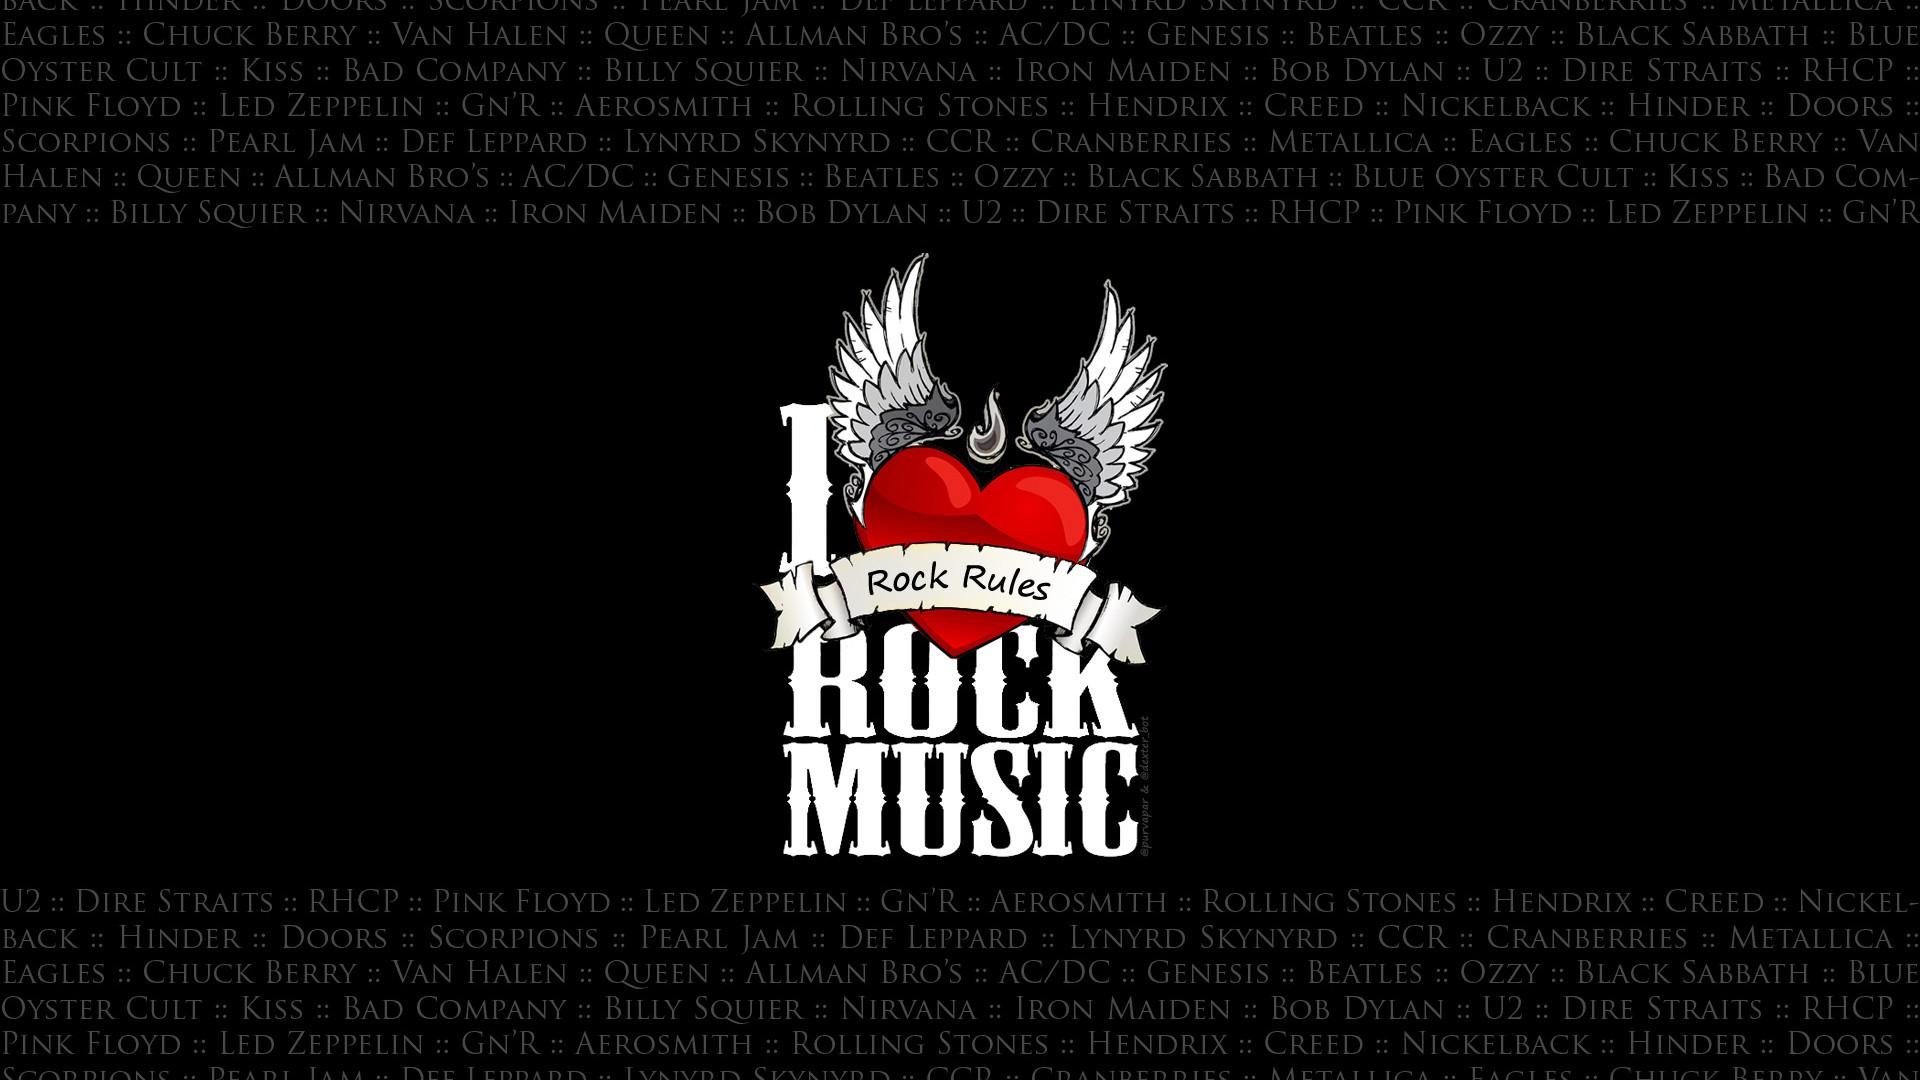 I Love Rock Music Full Hd Wallpaper For Desktop And Mobiles